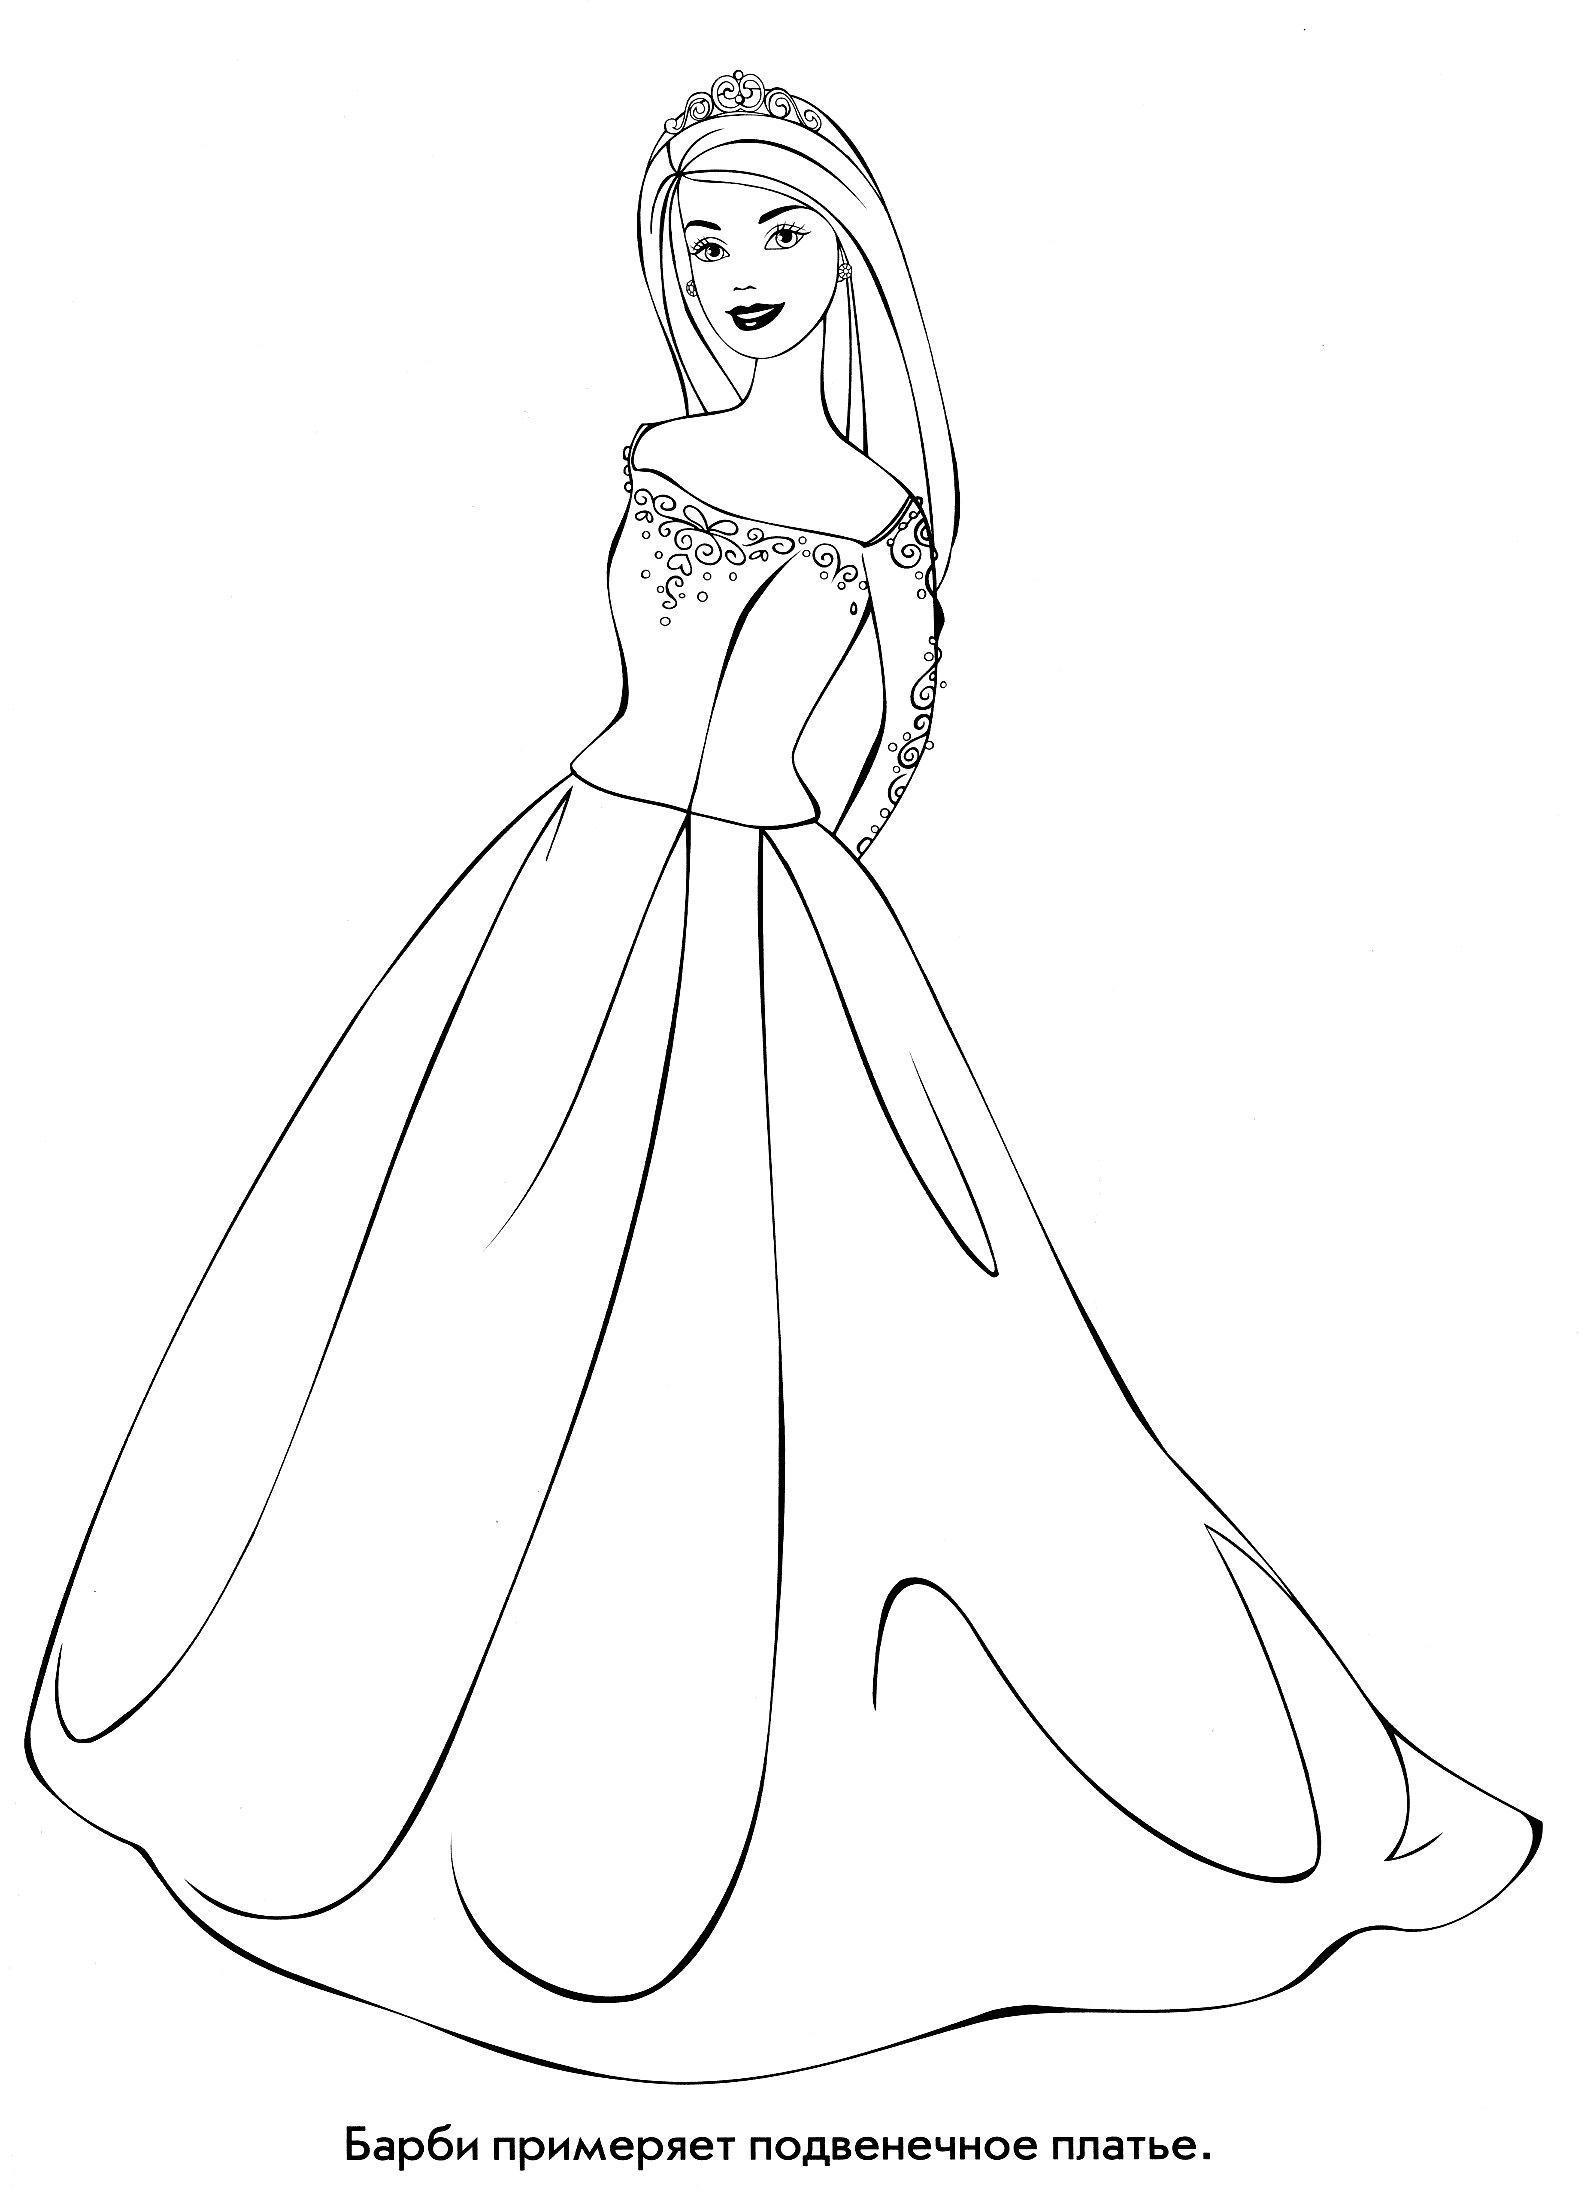 Барби в подвенечном платье Раскраски картинки цветов